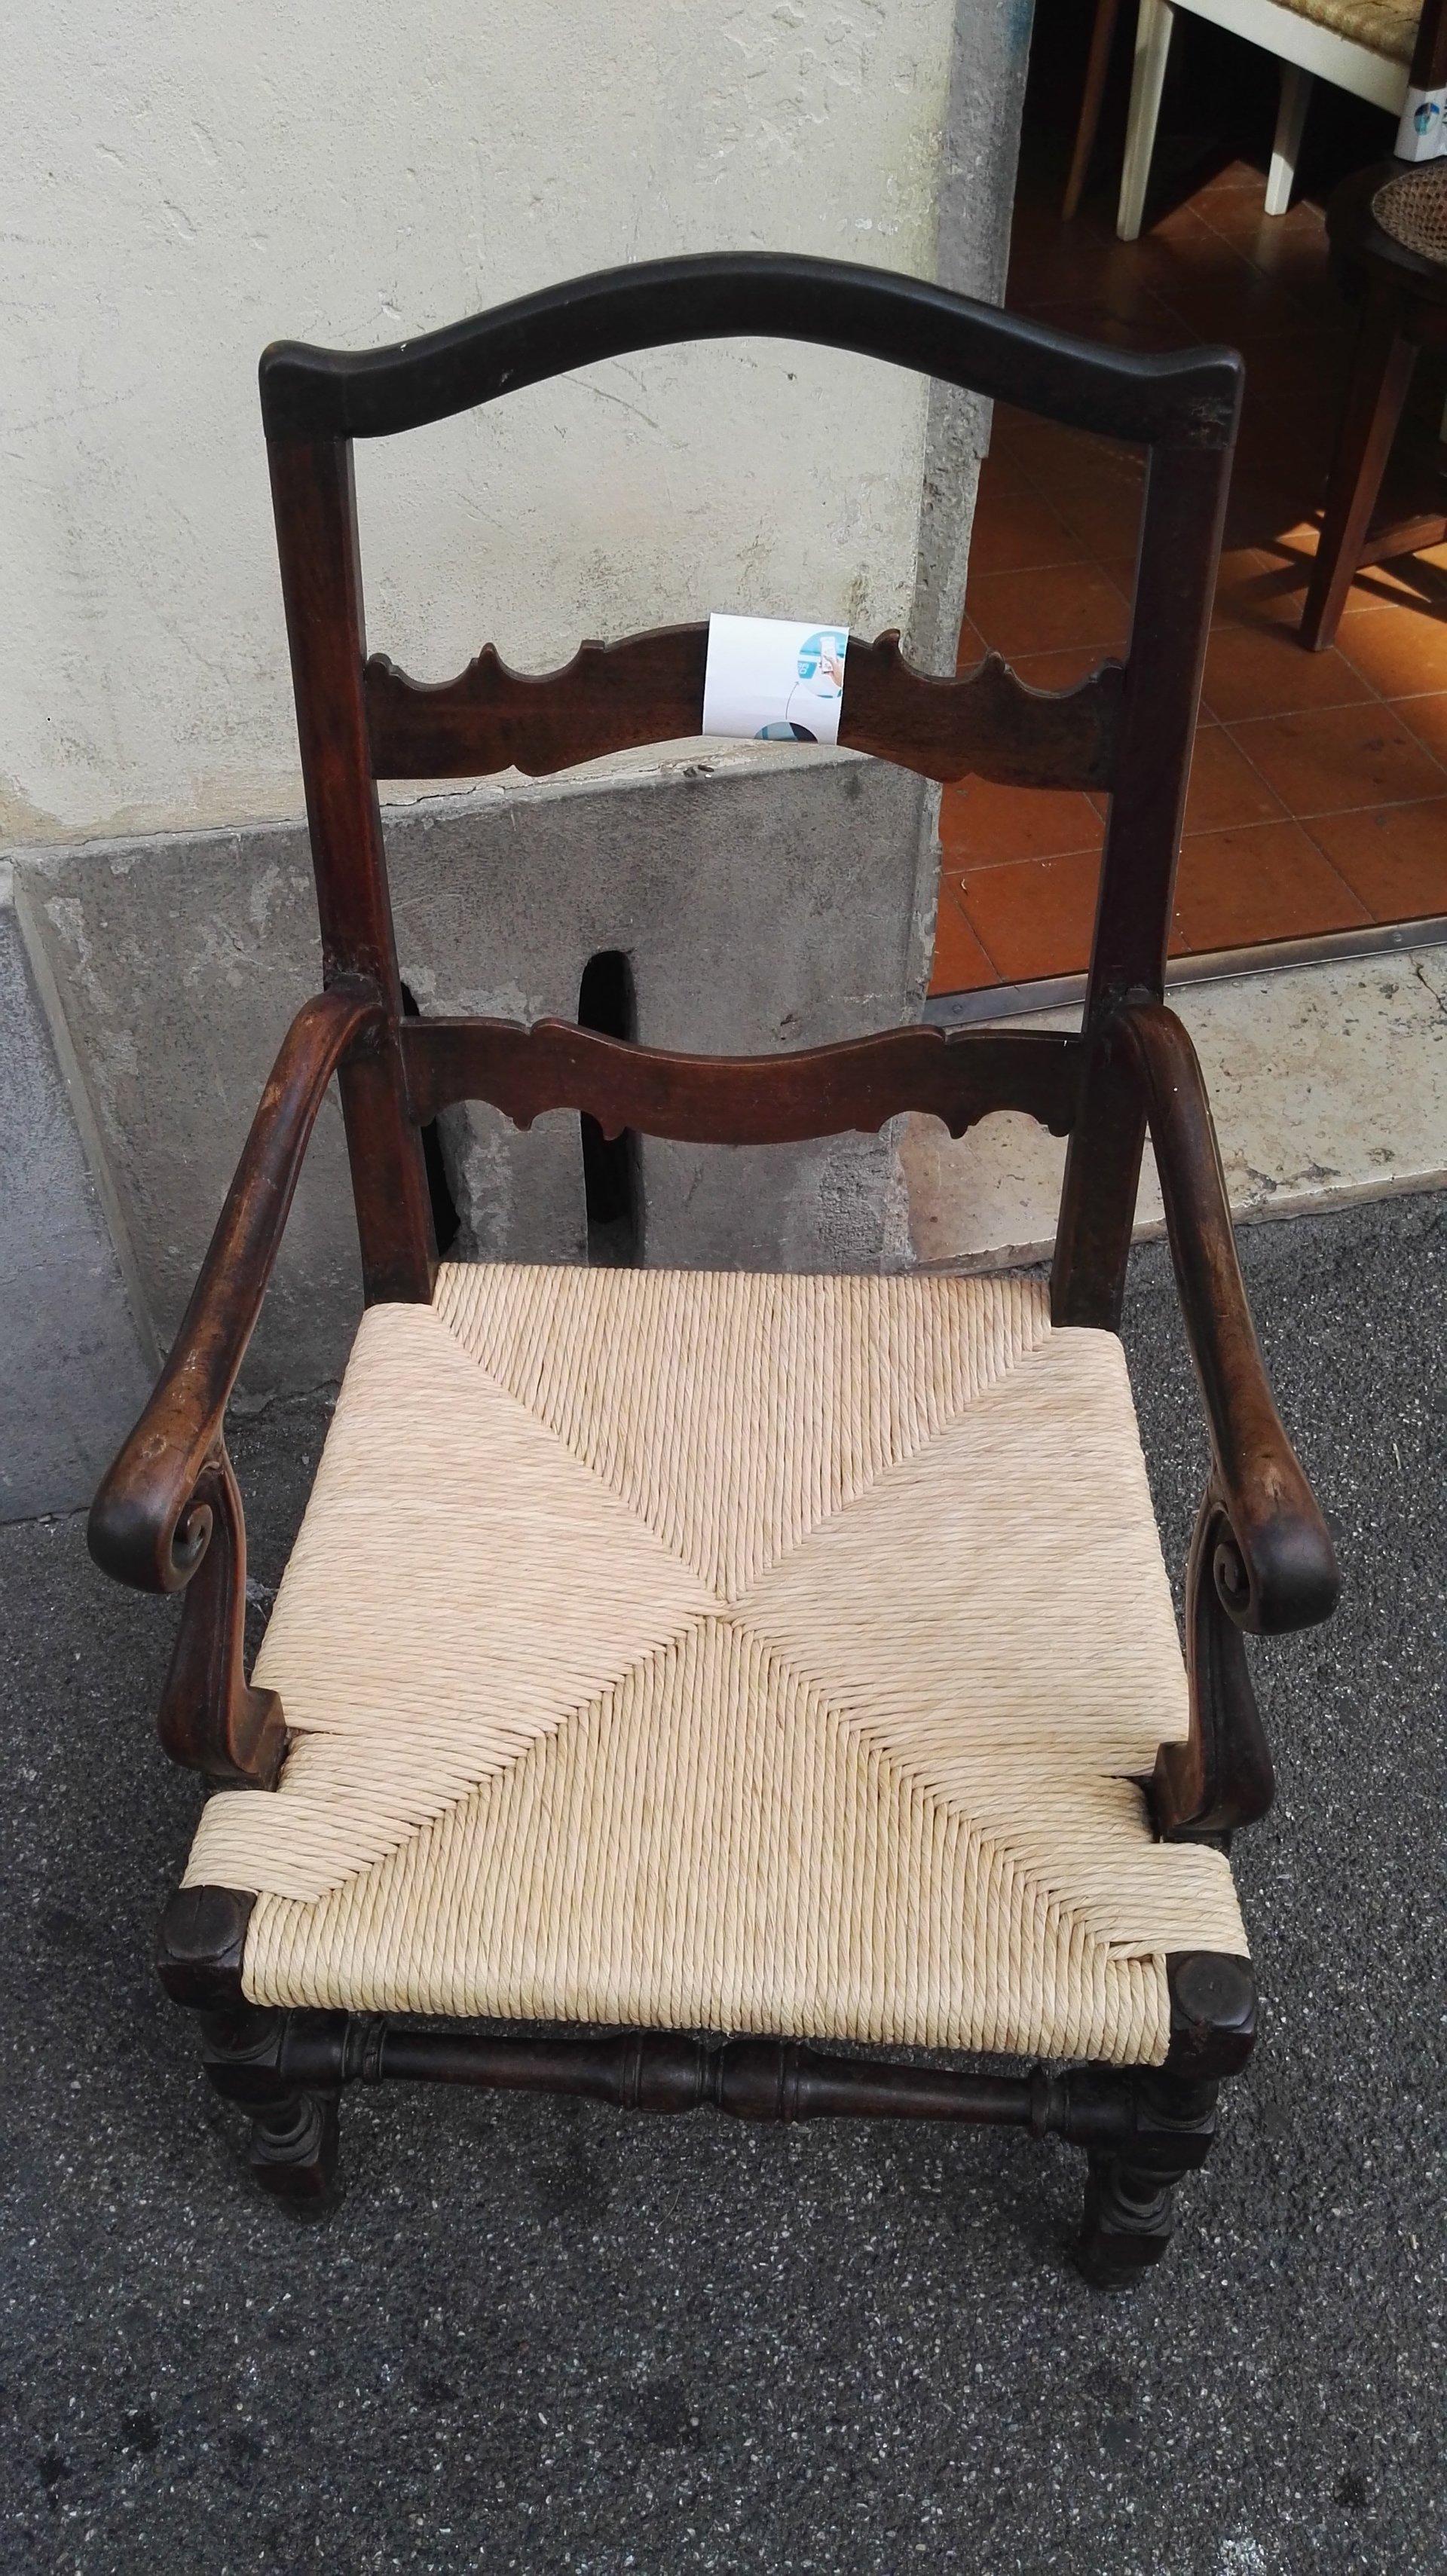 sedia in legno con manici sottili e seduta impagliata